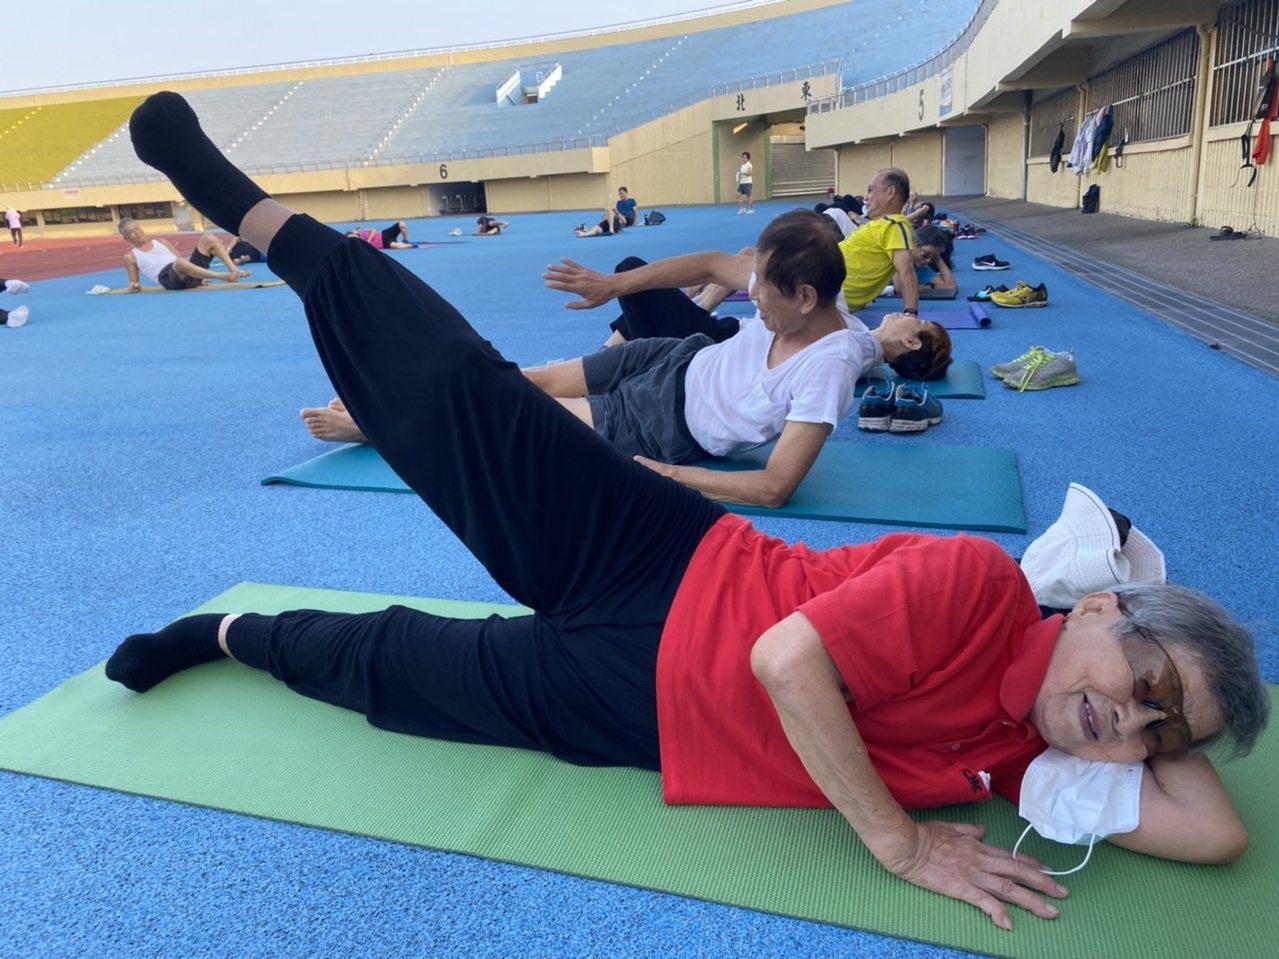 謝滿維持早晚都要運動的習慣,持續慢走、健康操等,到了90歲,仍耳聰目明,行動自如...